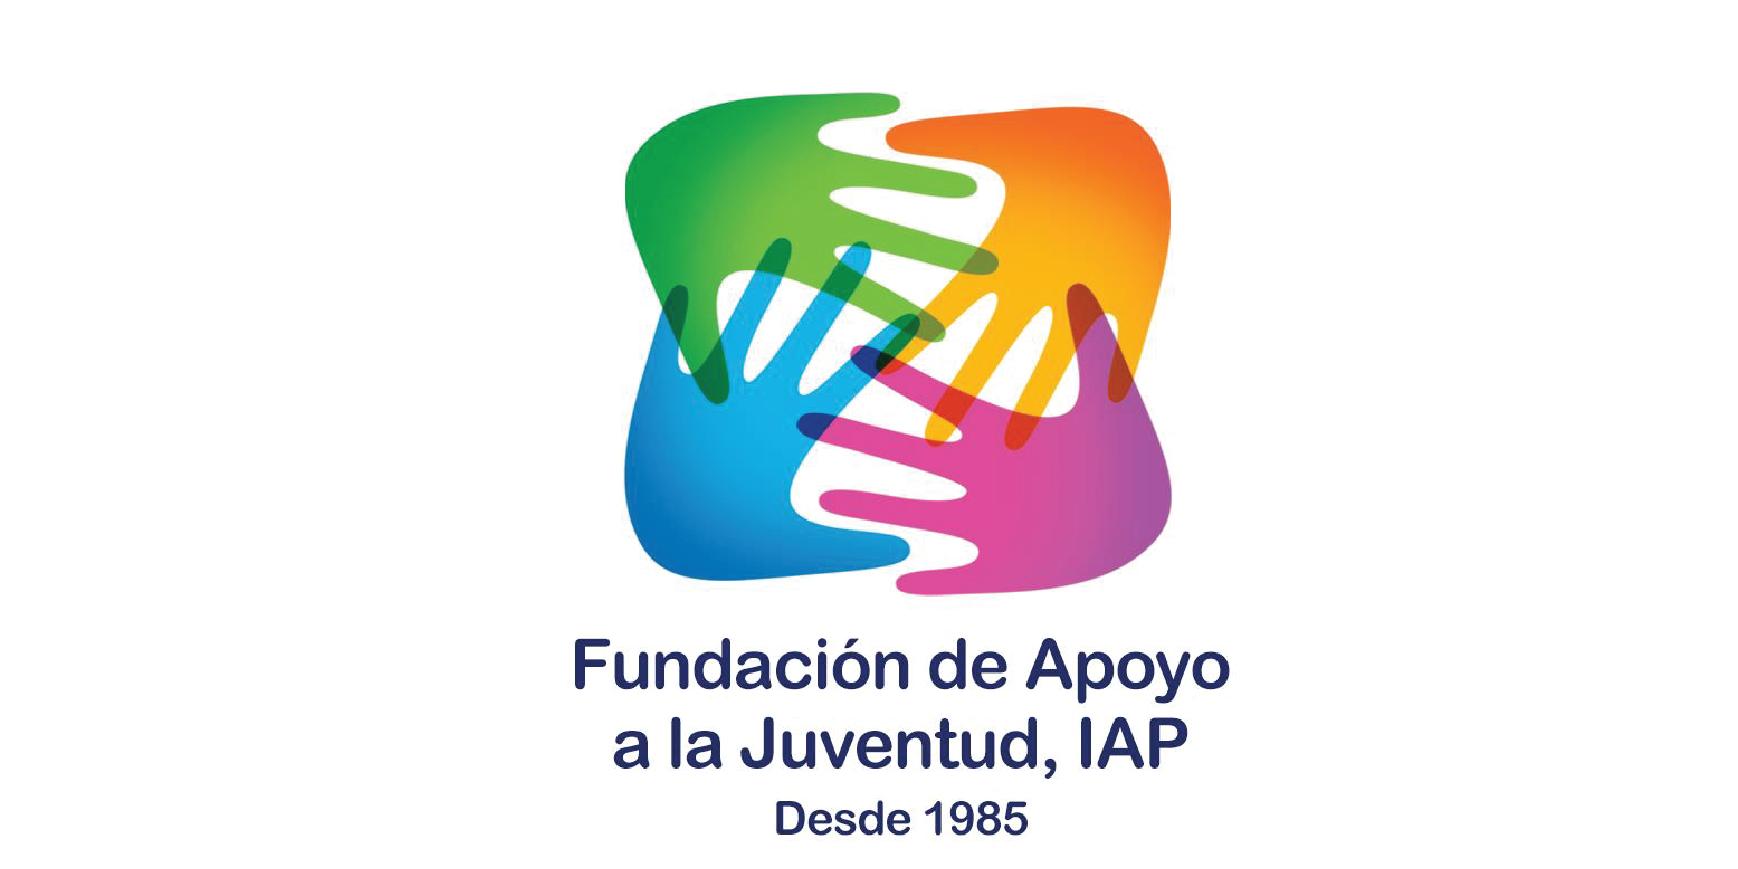 Fundacion Apoyo a la Juventud, I.A.P.